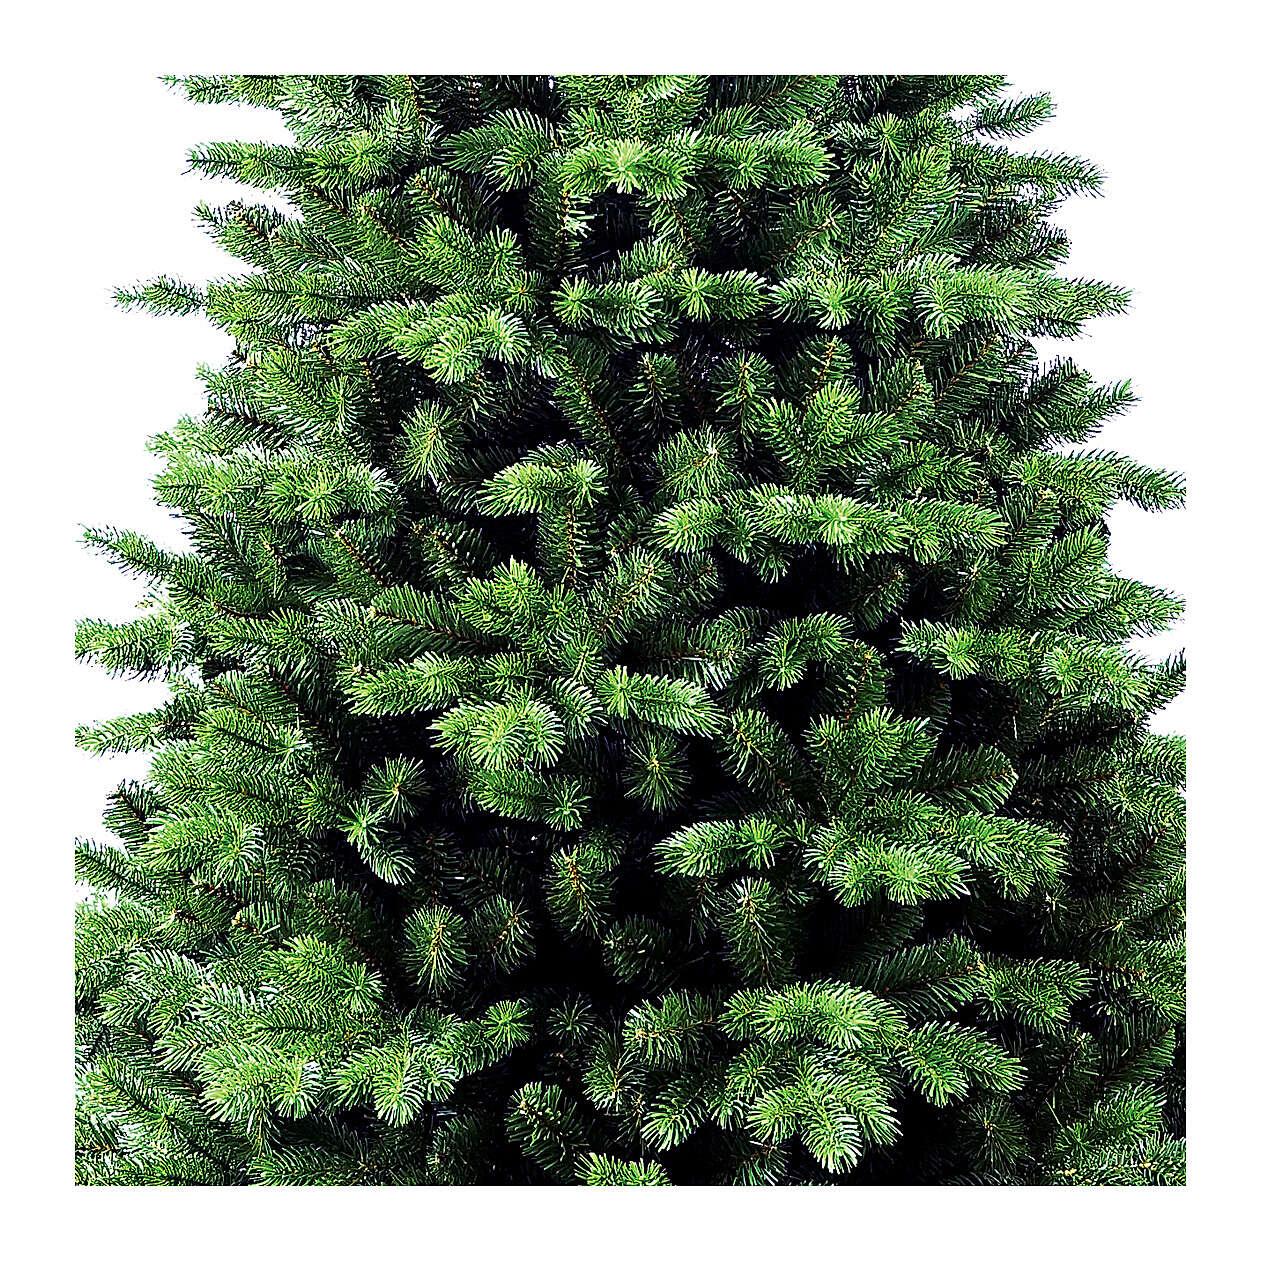 Weihnachtsbaum grün Dufour Winter Woodland, 270 cm 3